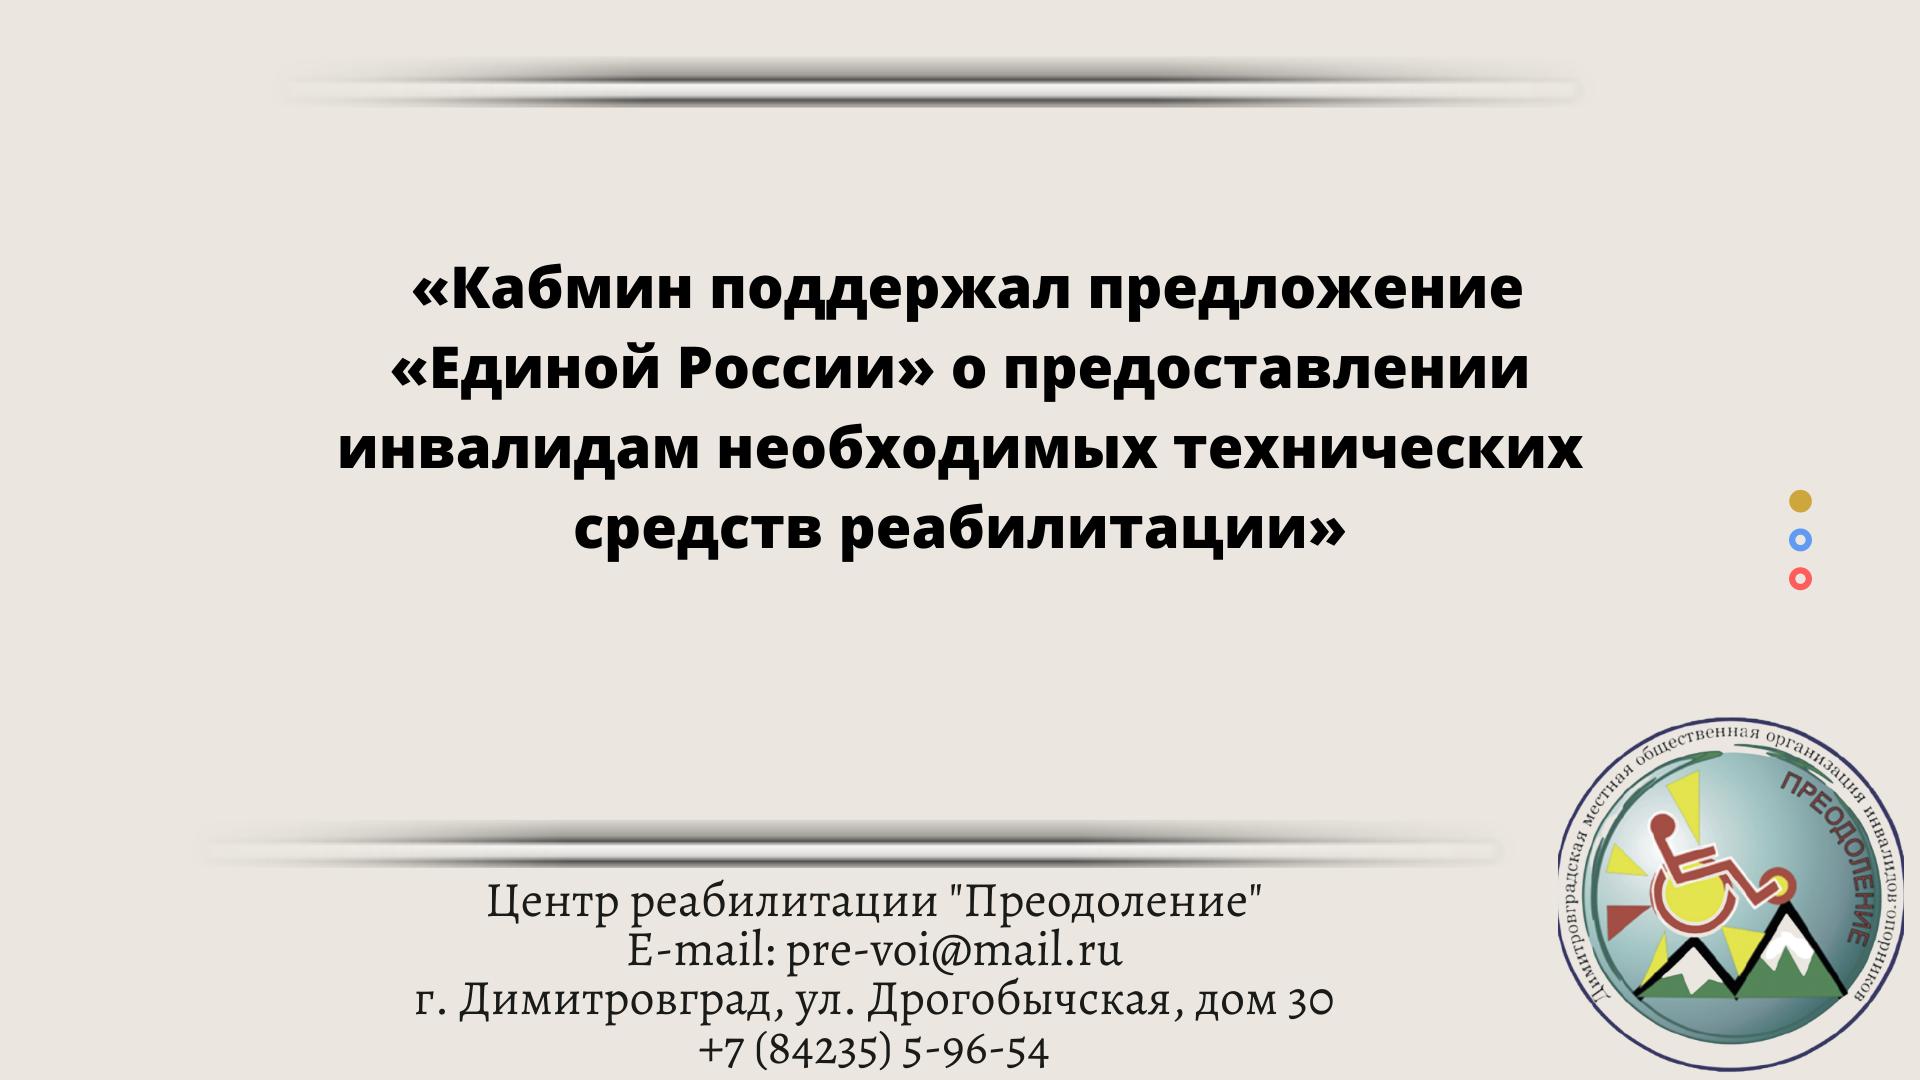 «Кабмин поддержал предложение «Единой России» о предоставлении инвалидам необходимых технических средств реабилитации»